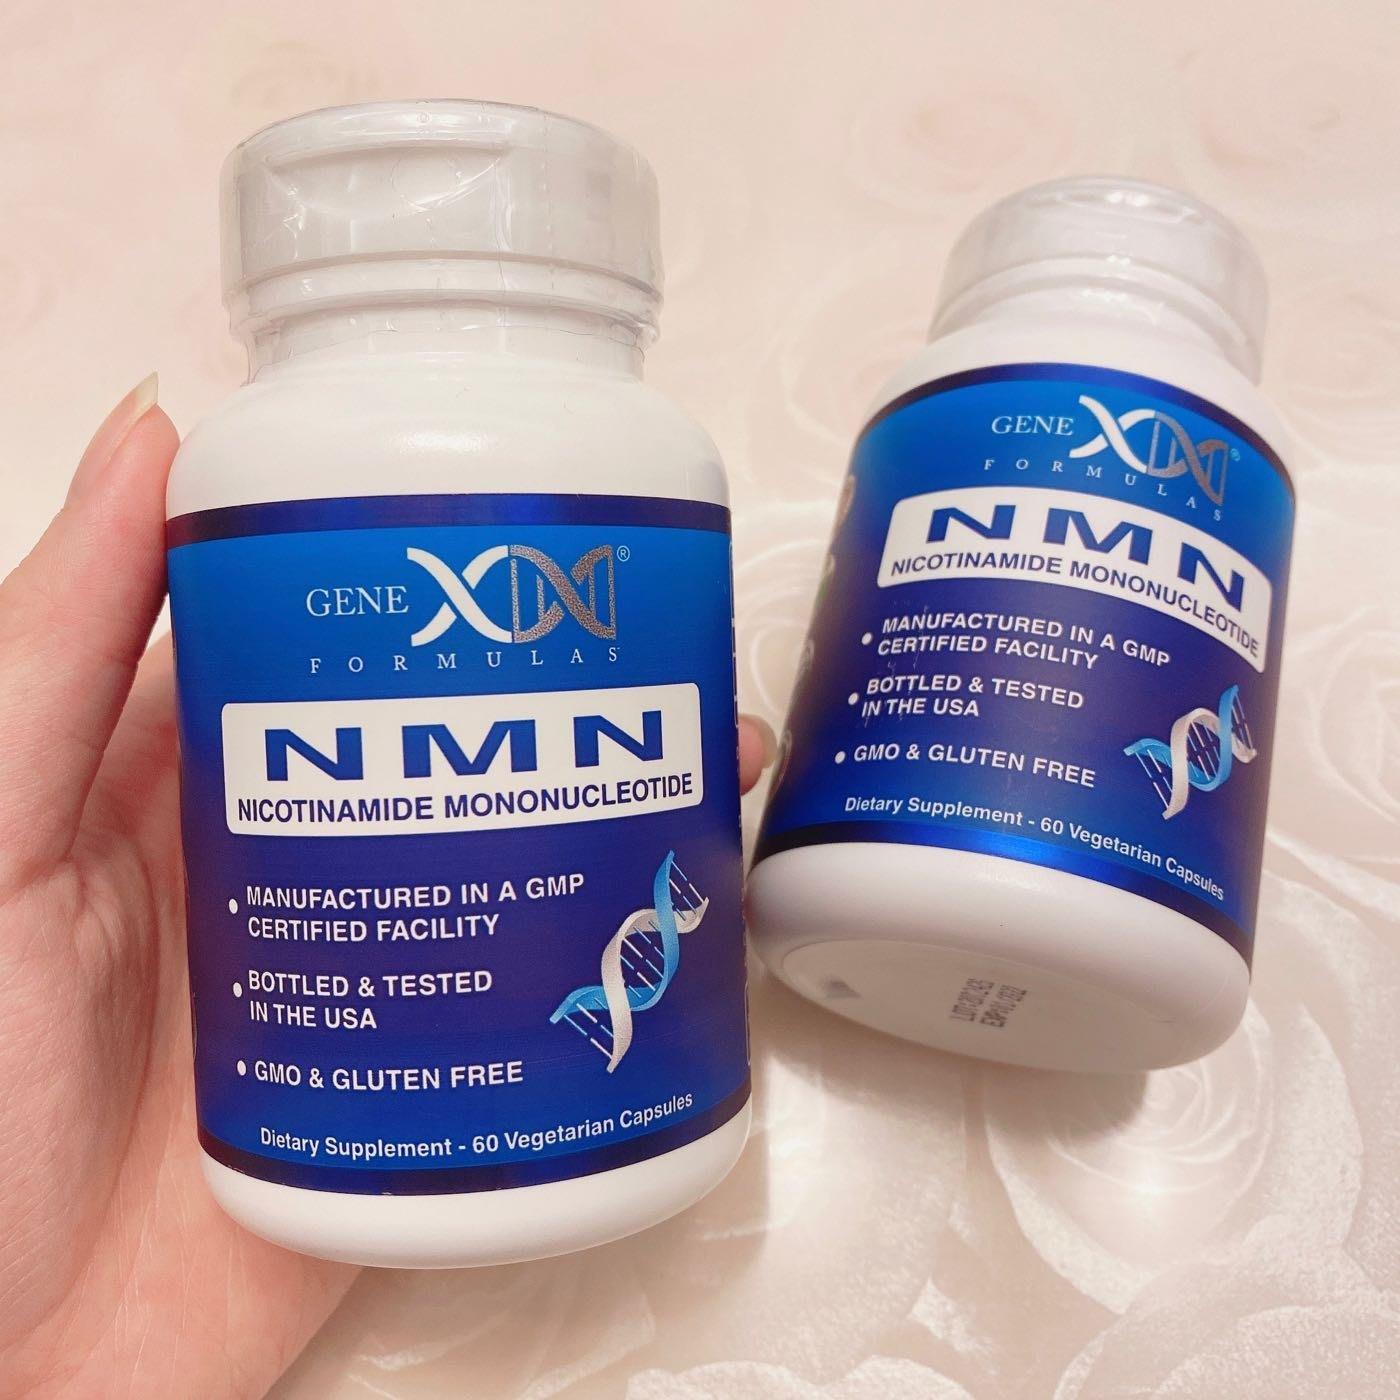 ✨預購✨Genex Formulas NMN 每顆250mg 60顆 可搭配 白藜蘆醇 美國原裝🇺🇸 可提供購買證明✓請放心下單 保存期限2022/1